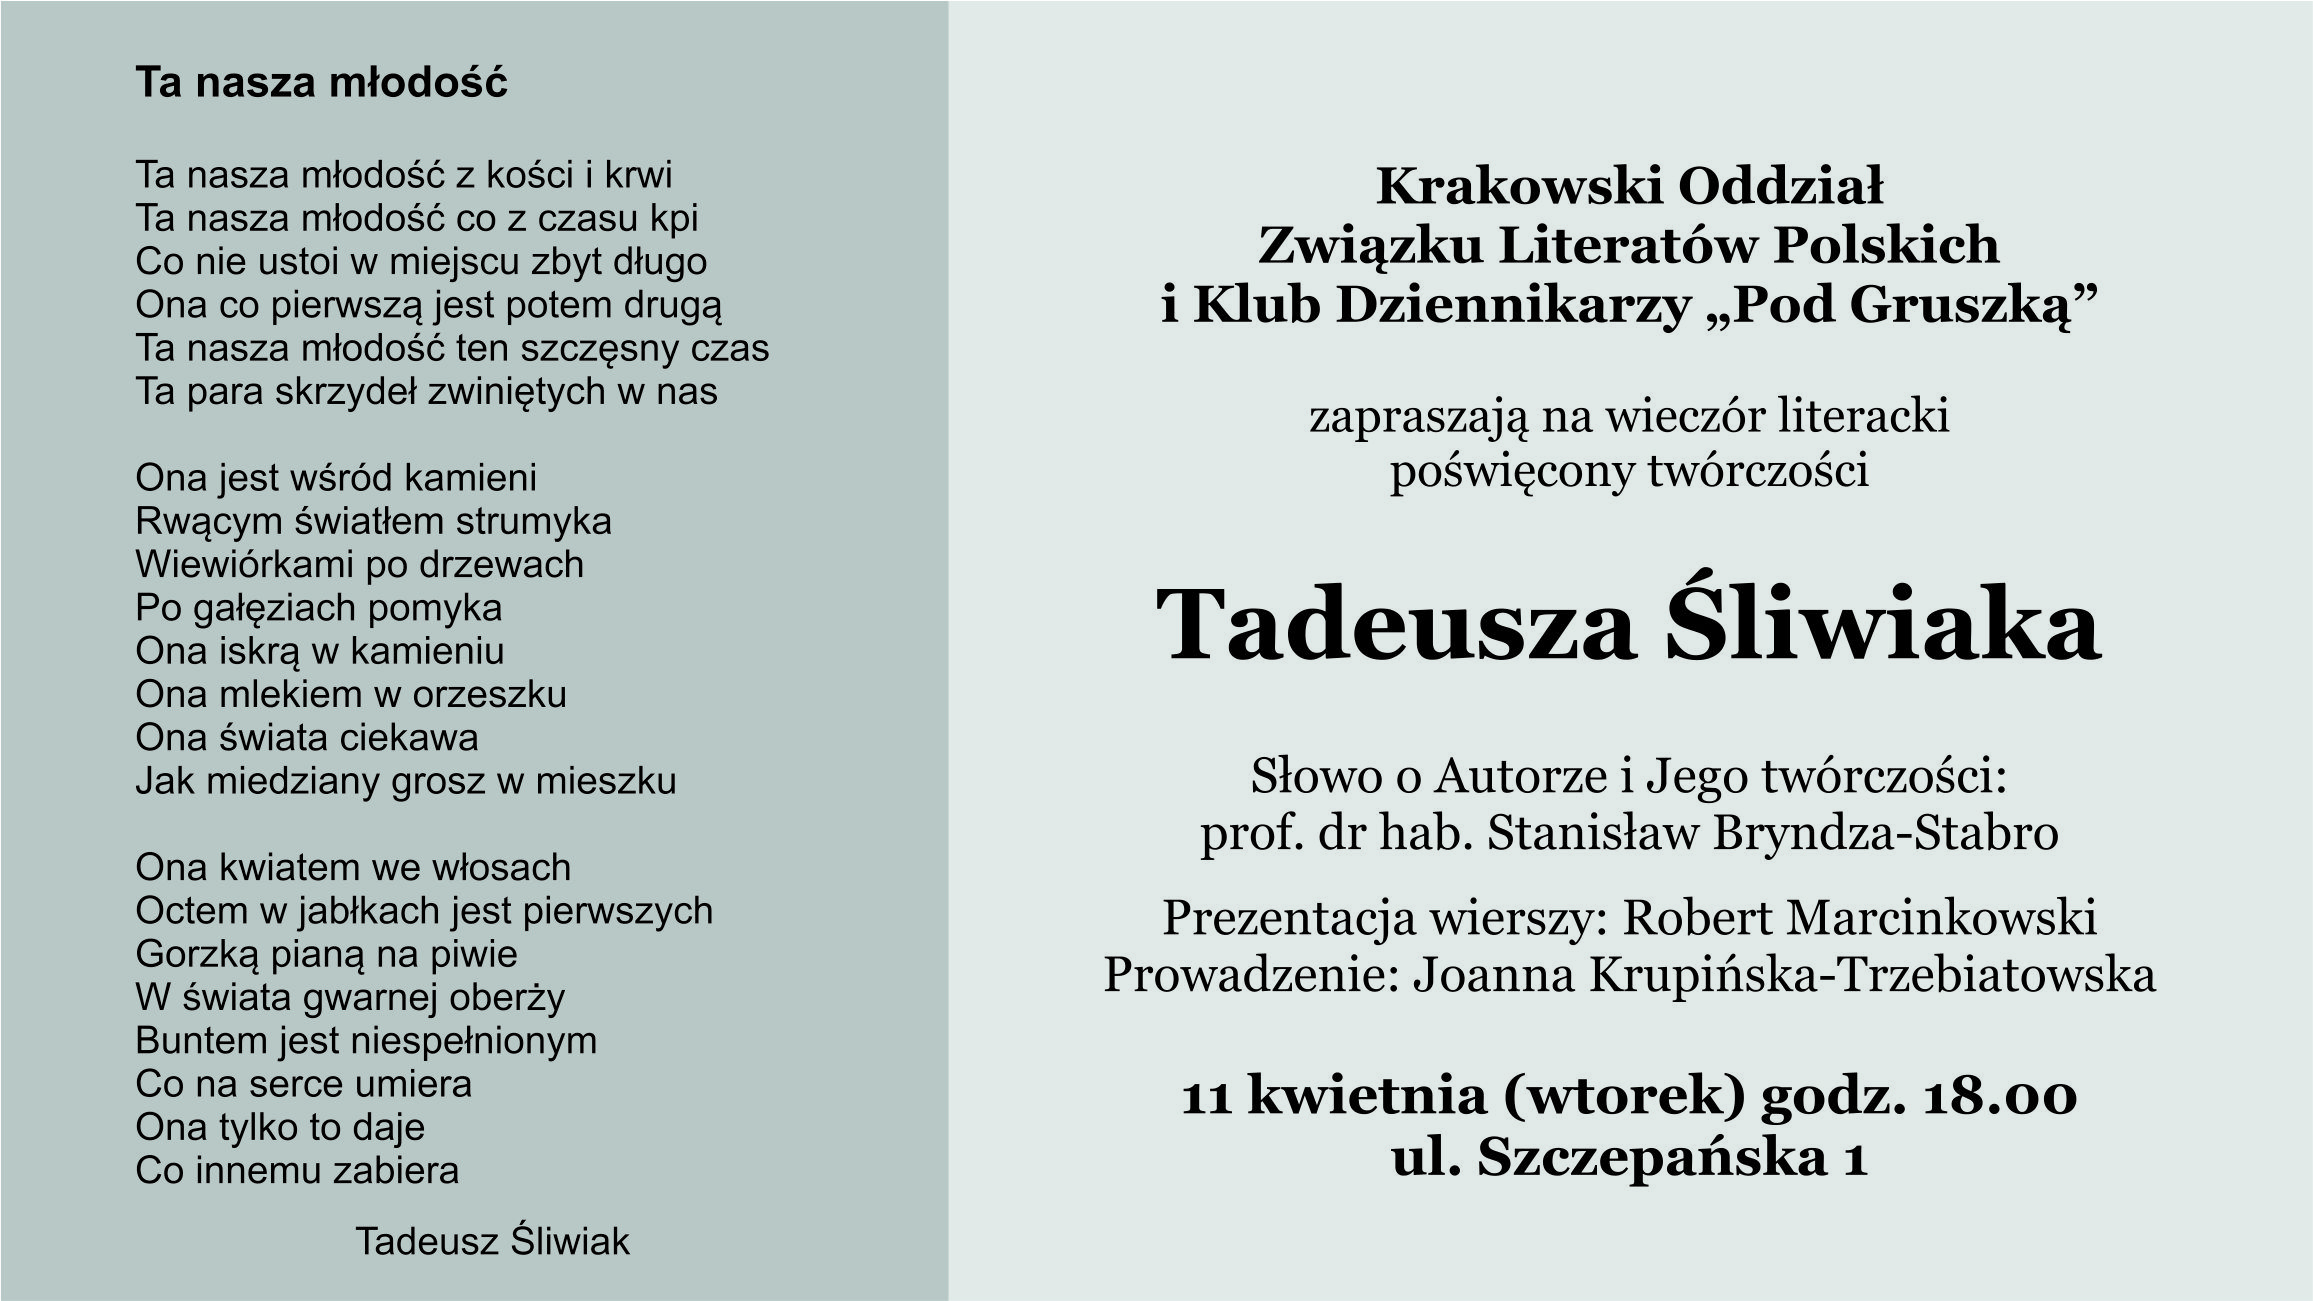 Krakowski Oddział Związku Literatów Polskich Strona 6